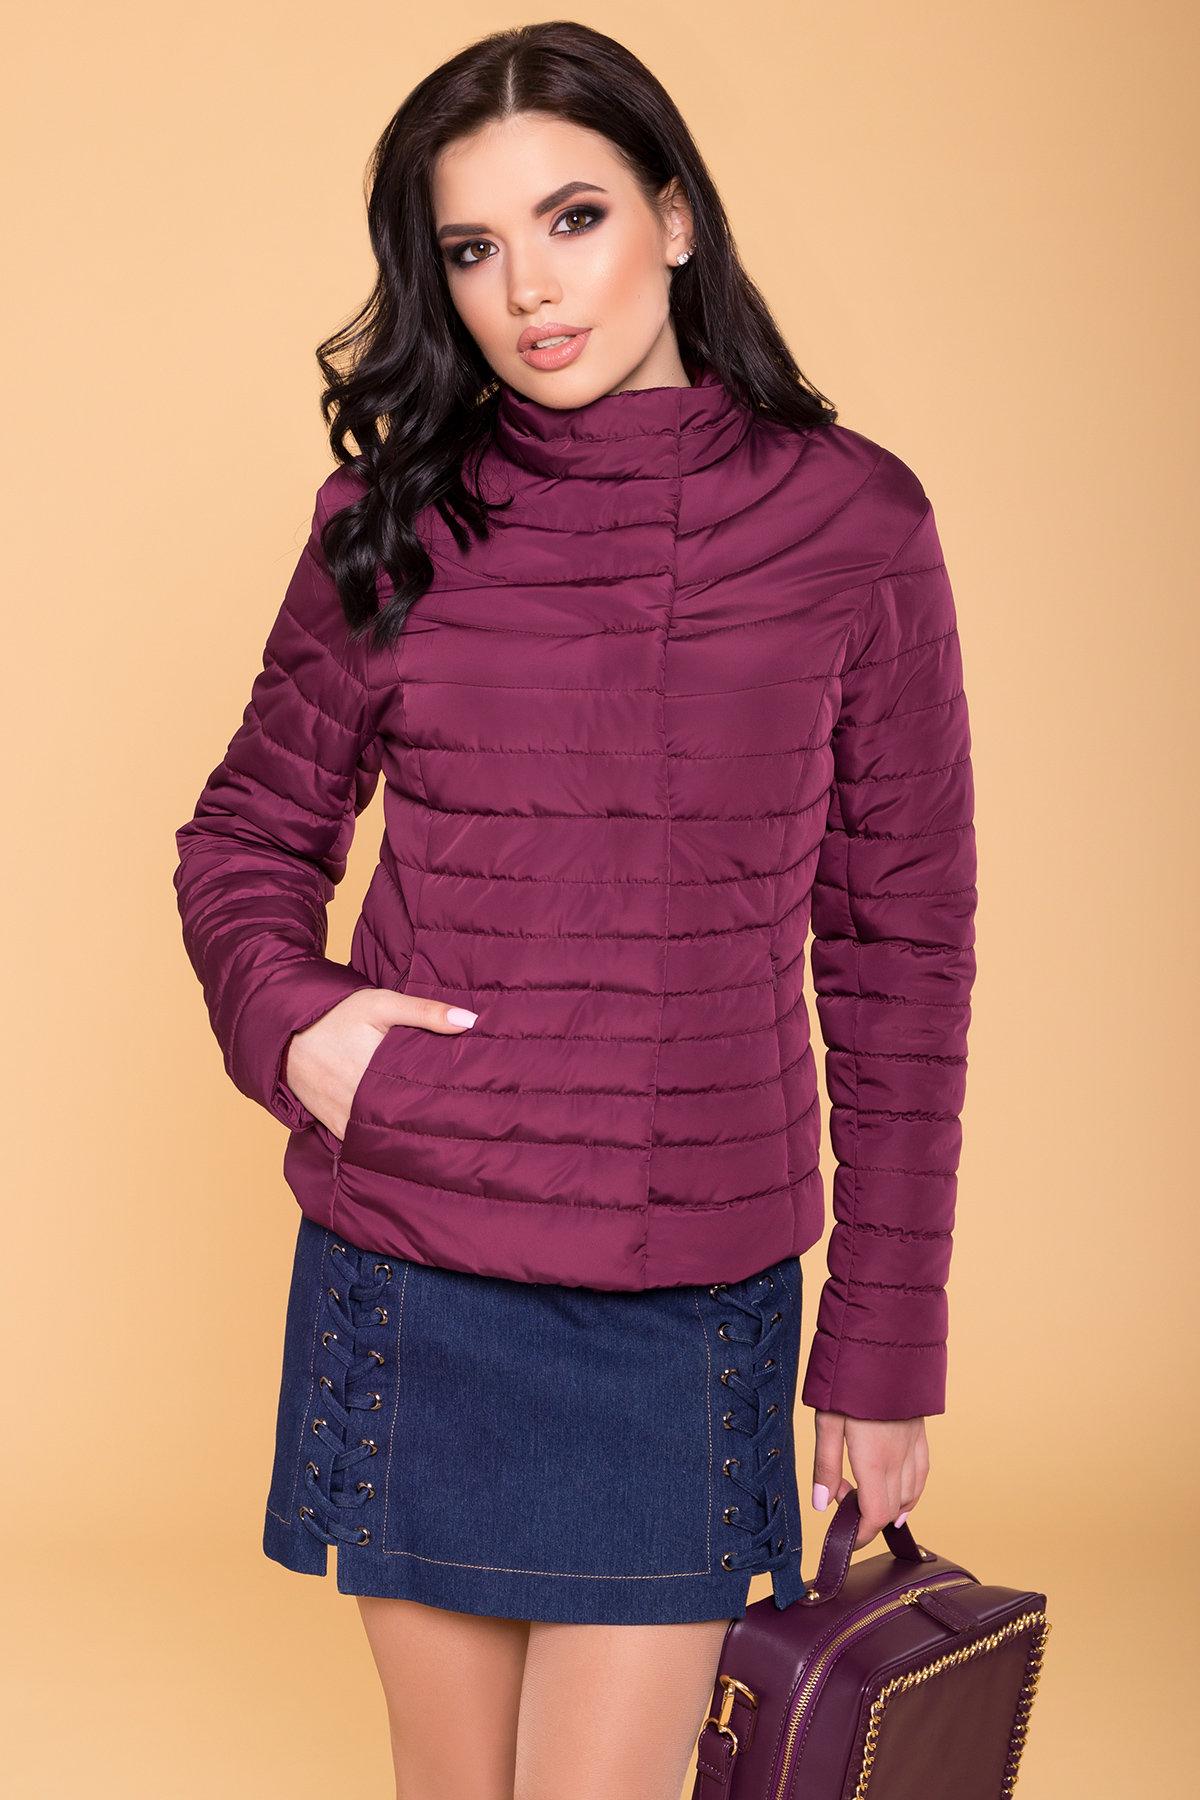 Куртка Флориса лайт 6416 Цвет: Слива